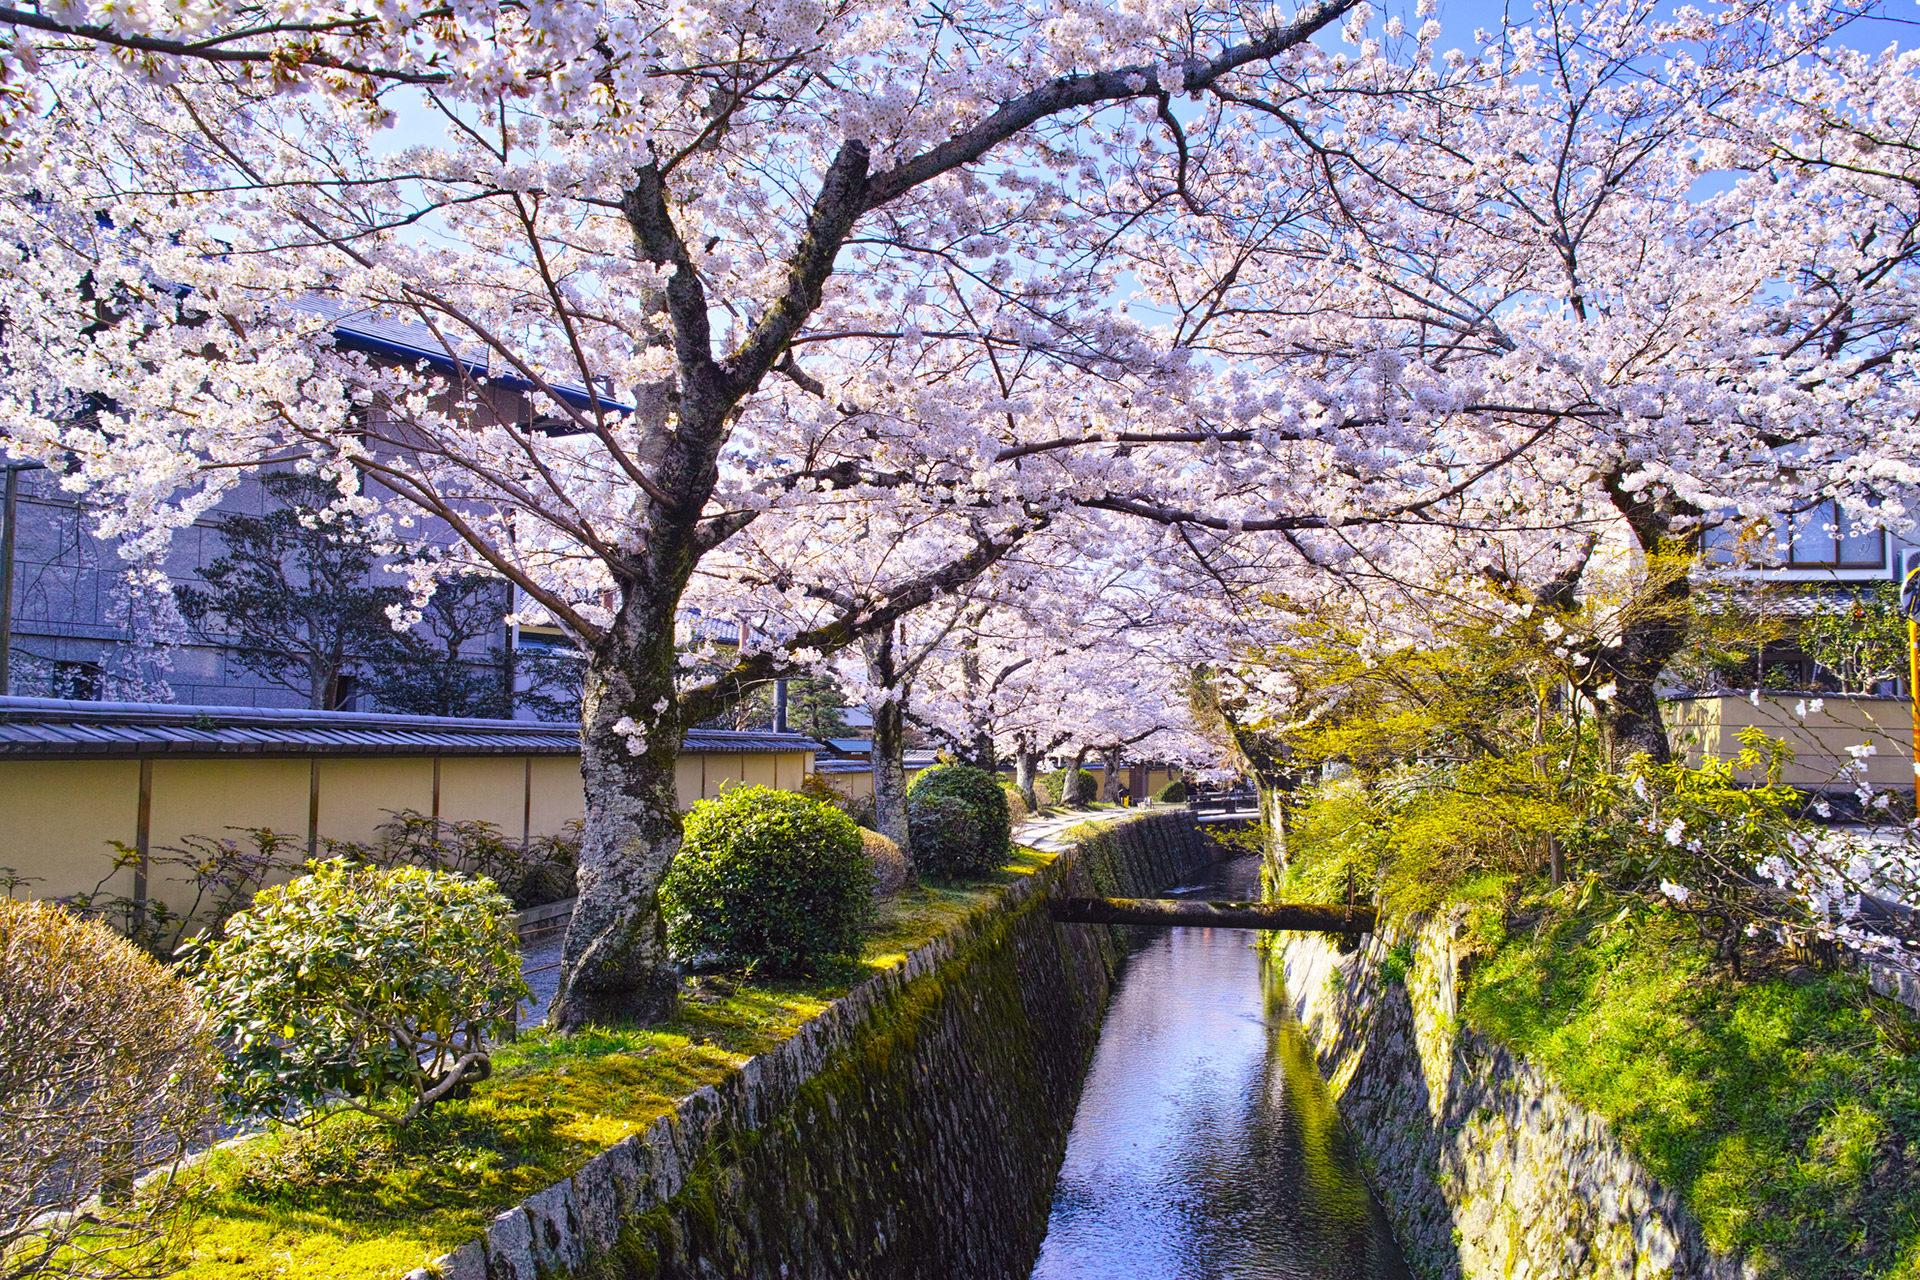 京都-桜-哲学の道-風景